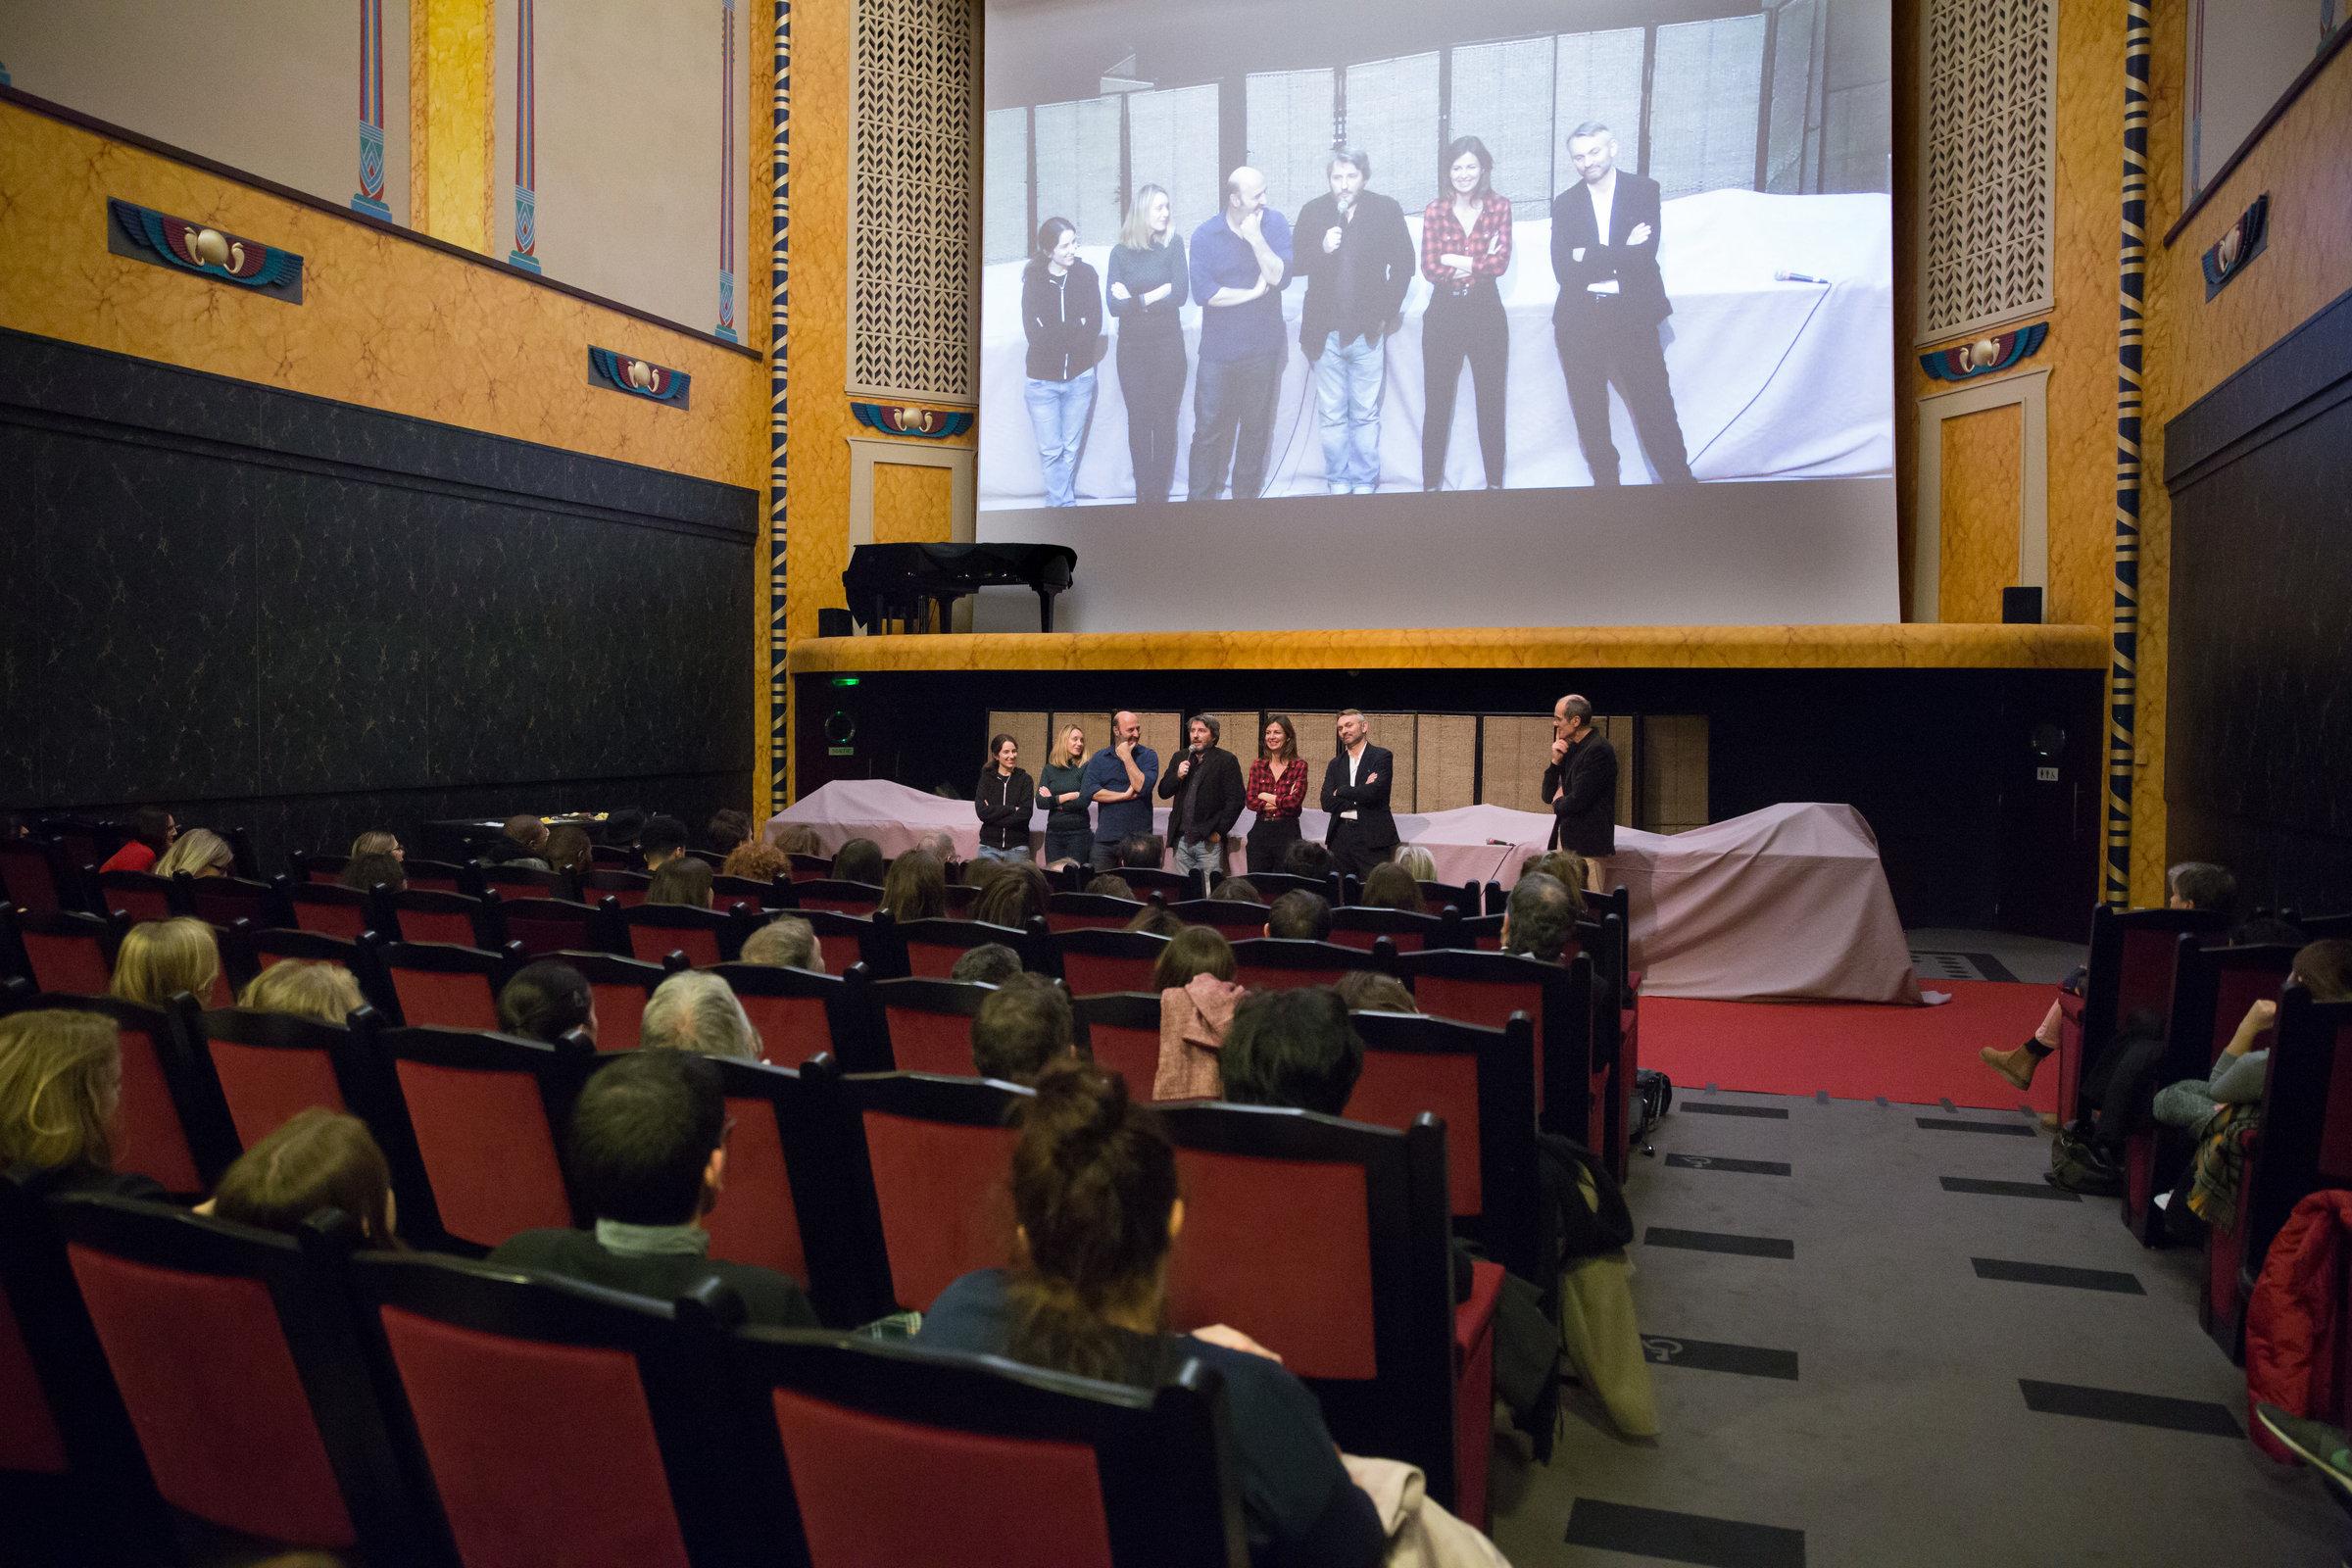 La salle de projection entièrement renovée du Louxor